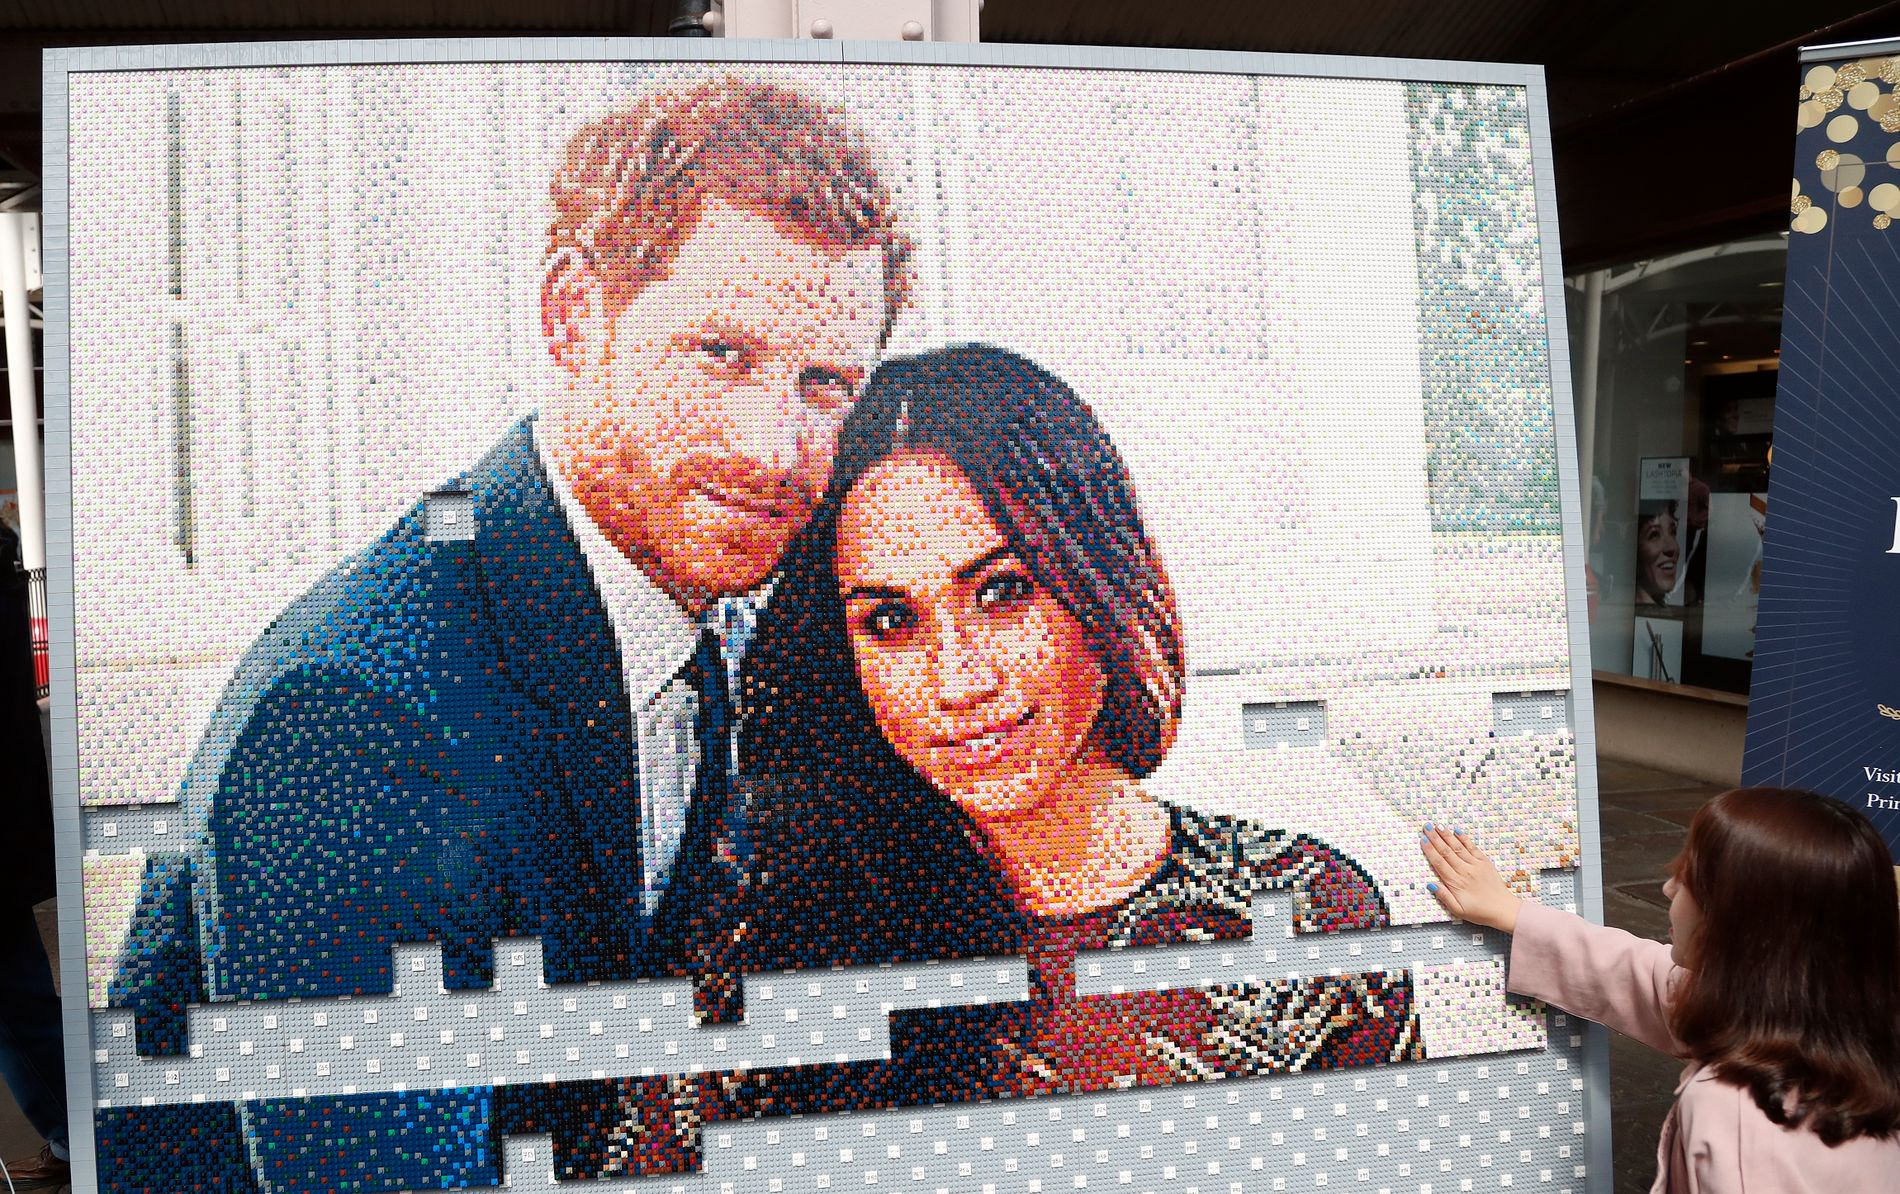 Det er laget et bilde av prins Harry og Meghan Markle i et kjøpesenter i Windsor. Lørdag skal de to gifte seg i St. George's Chapel i Windsor Castle. Foto: Frank Augstein / AP / NTB scanpix